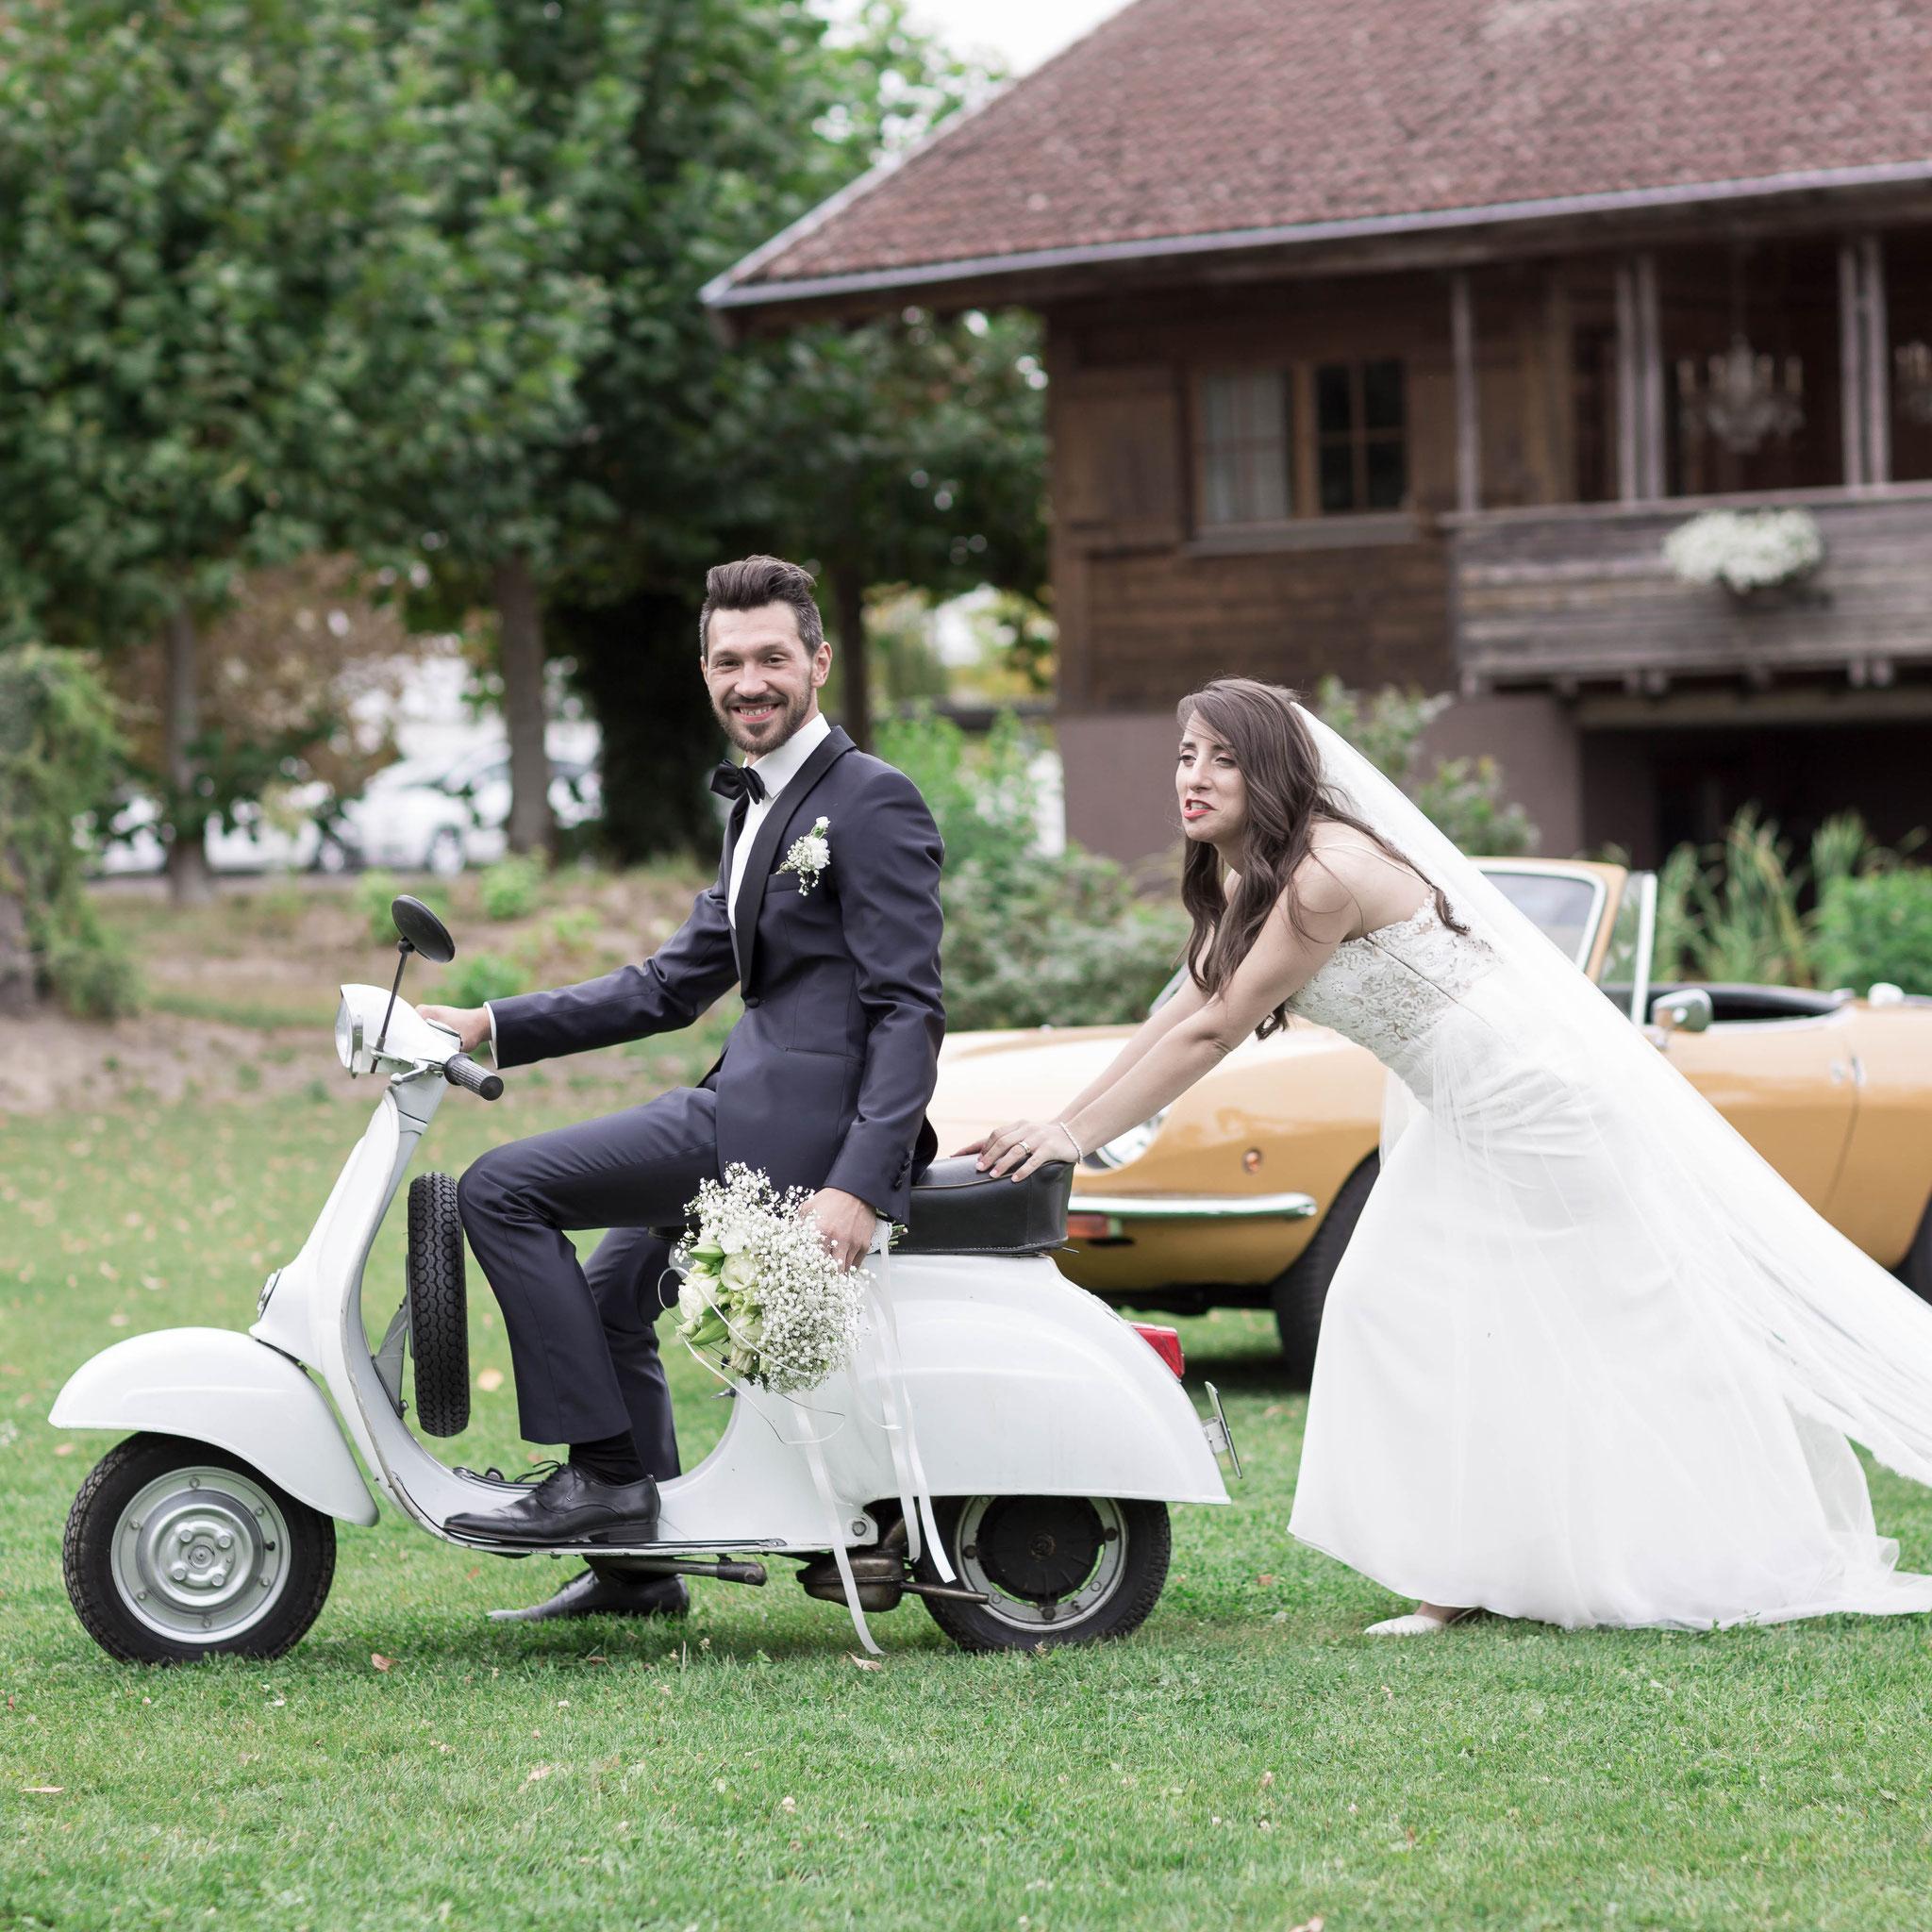 Fotograf für moderne russische Hochzeit in Bingen am Rhein